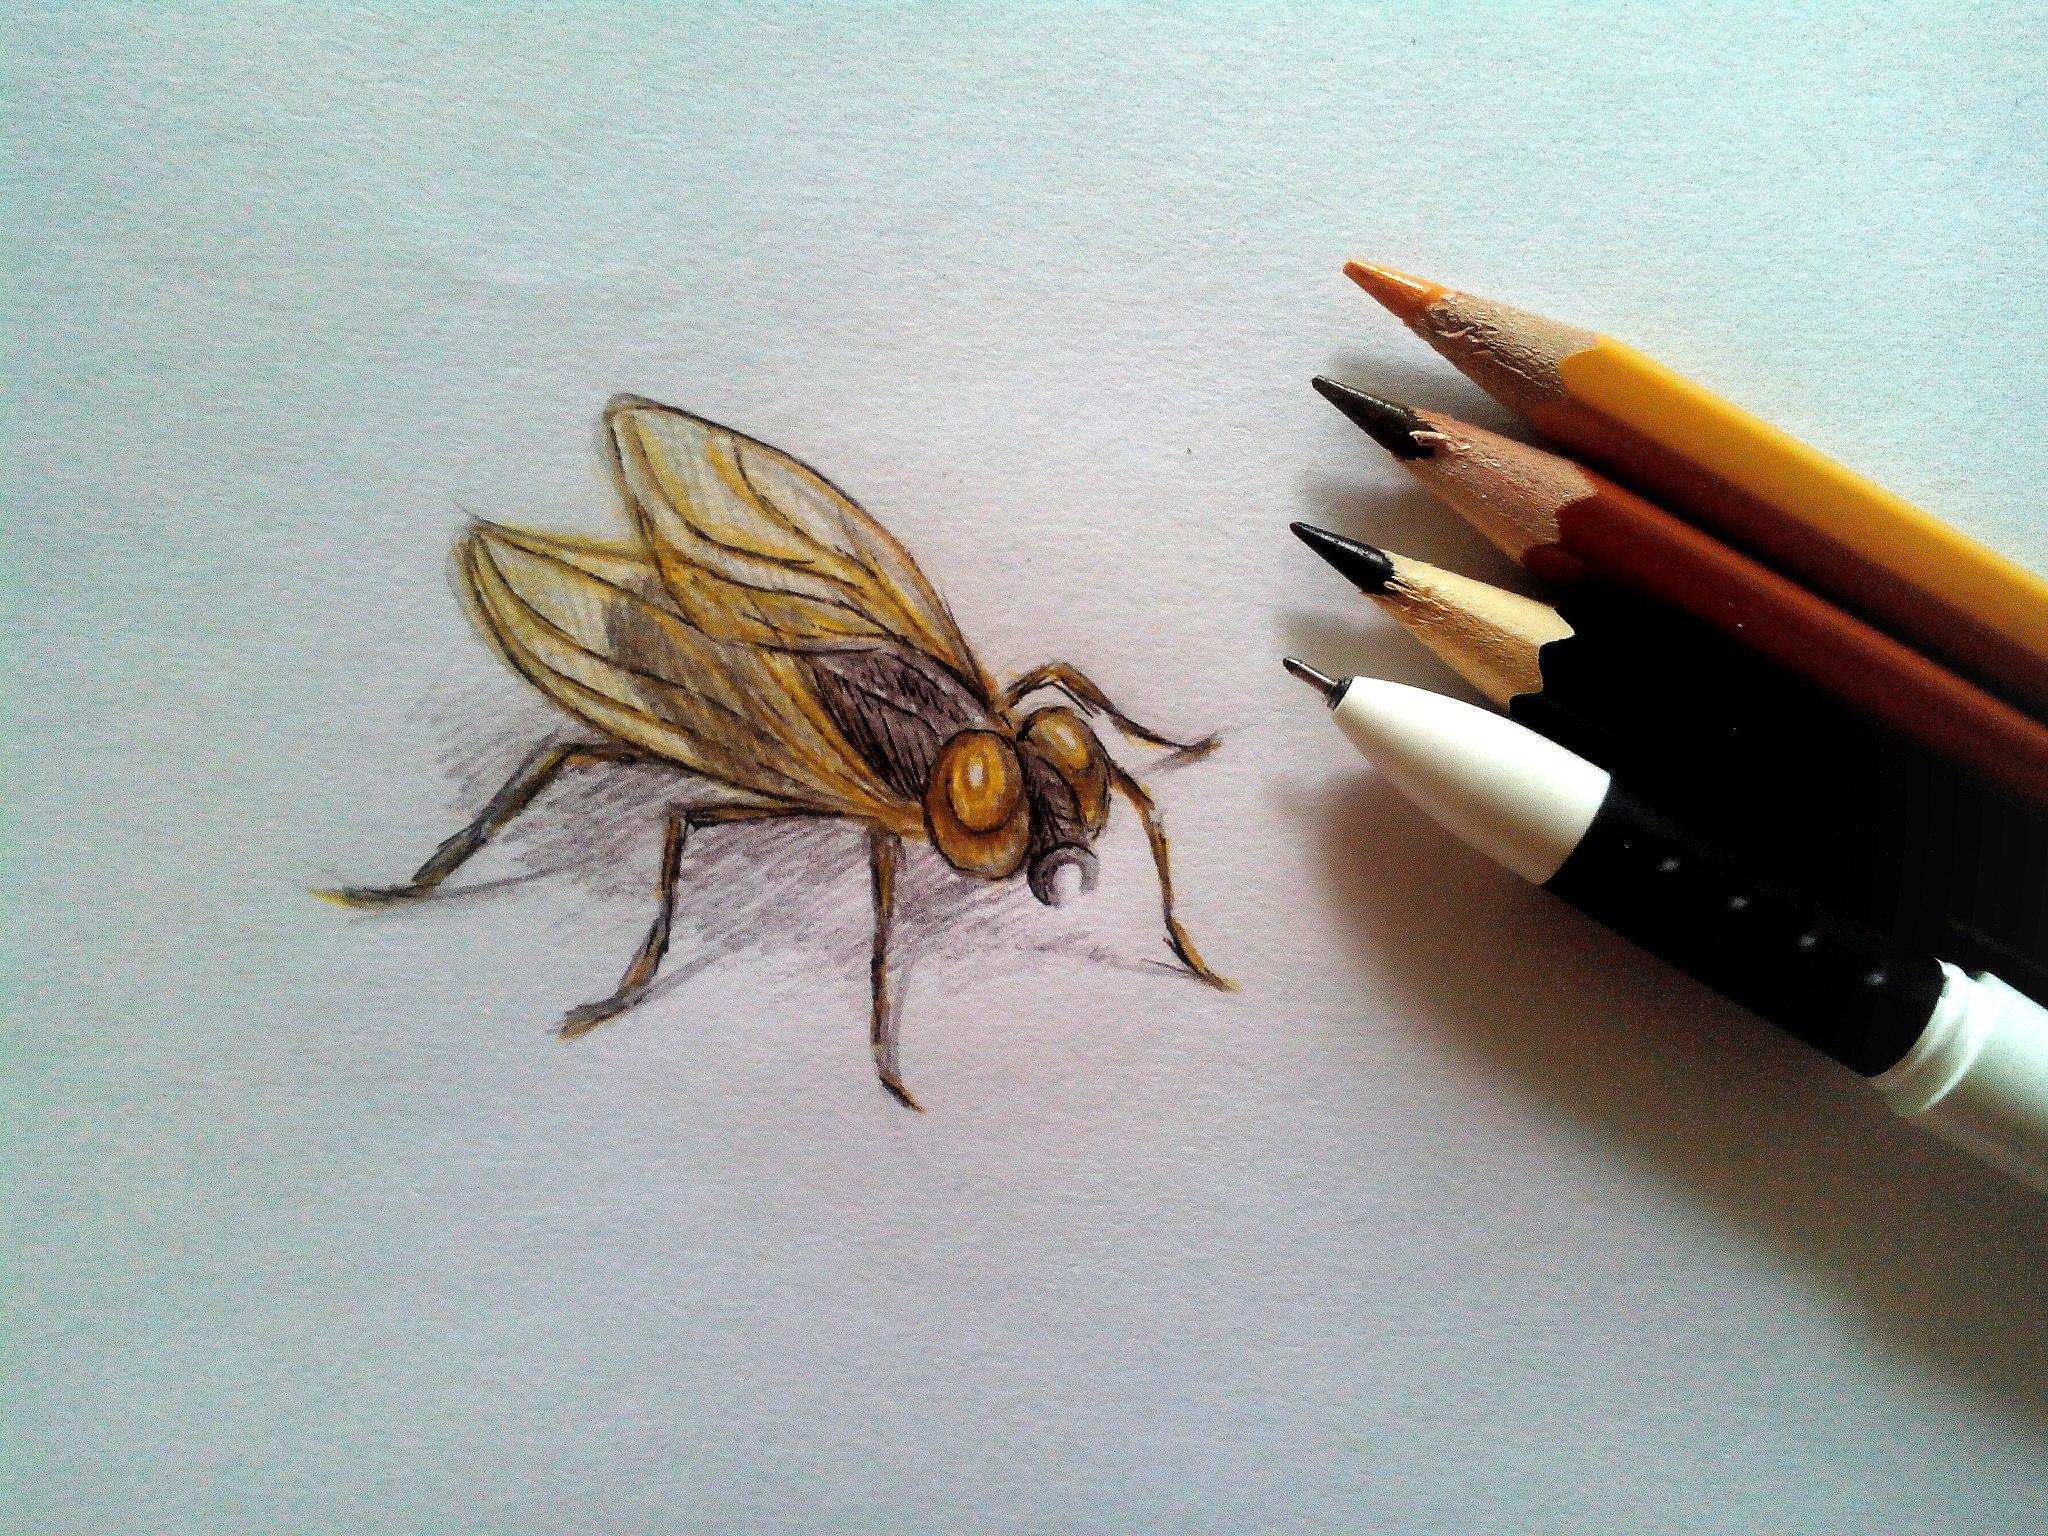 Как нарисовать муху карандашом поэтапно?